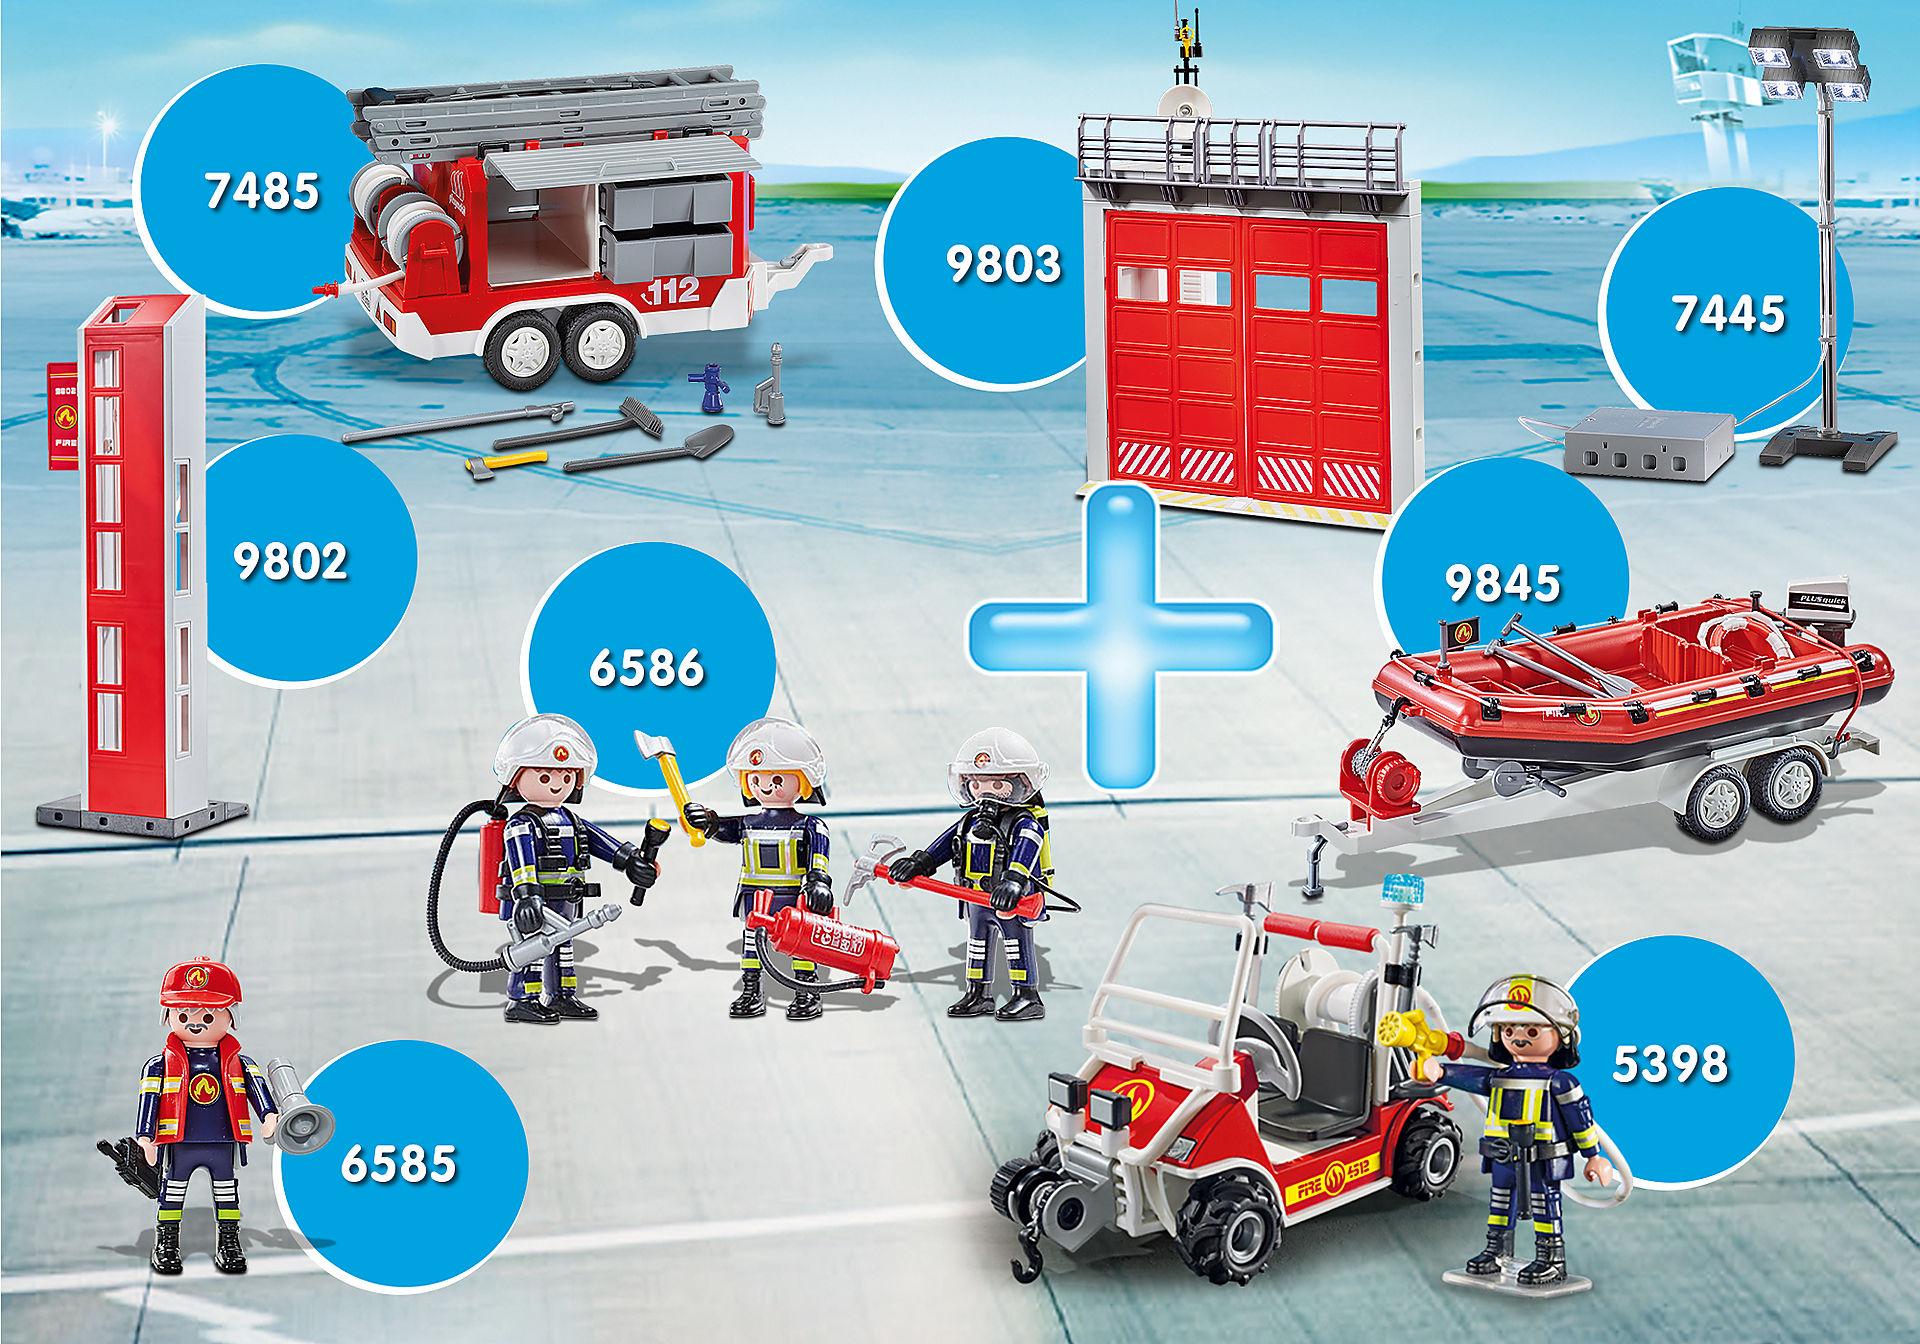 PM2012J Pack Promocional Ampliação Parque dos Bombeiros  zoom image1